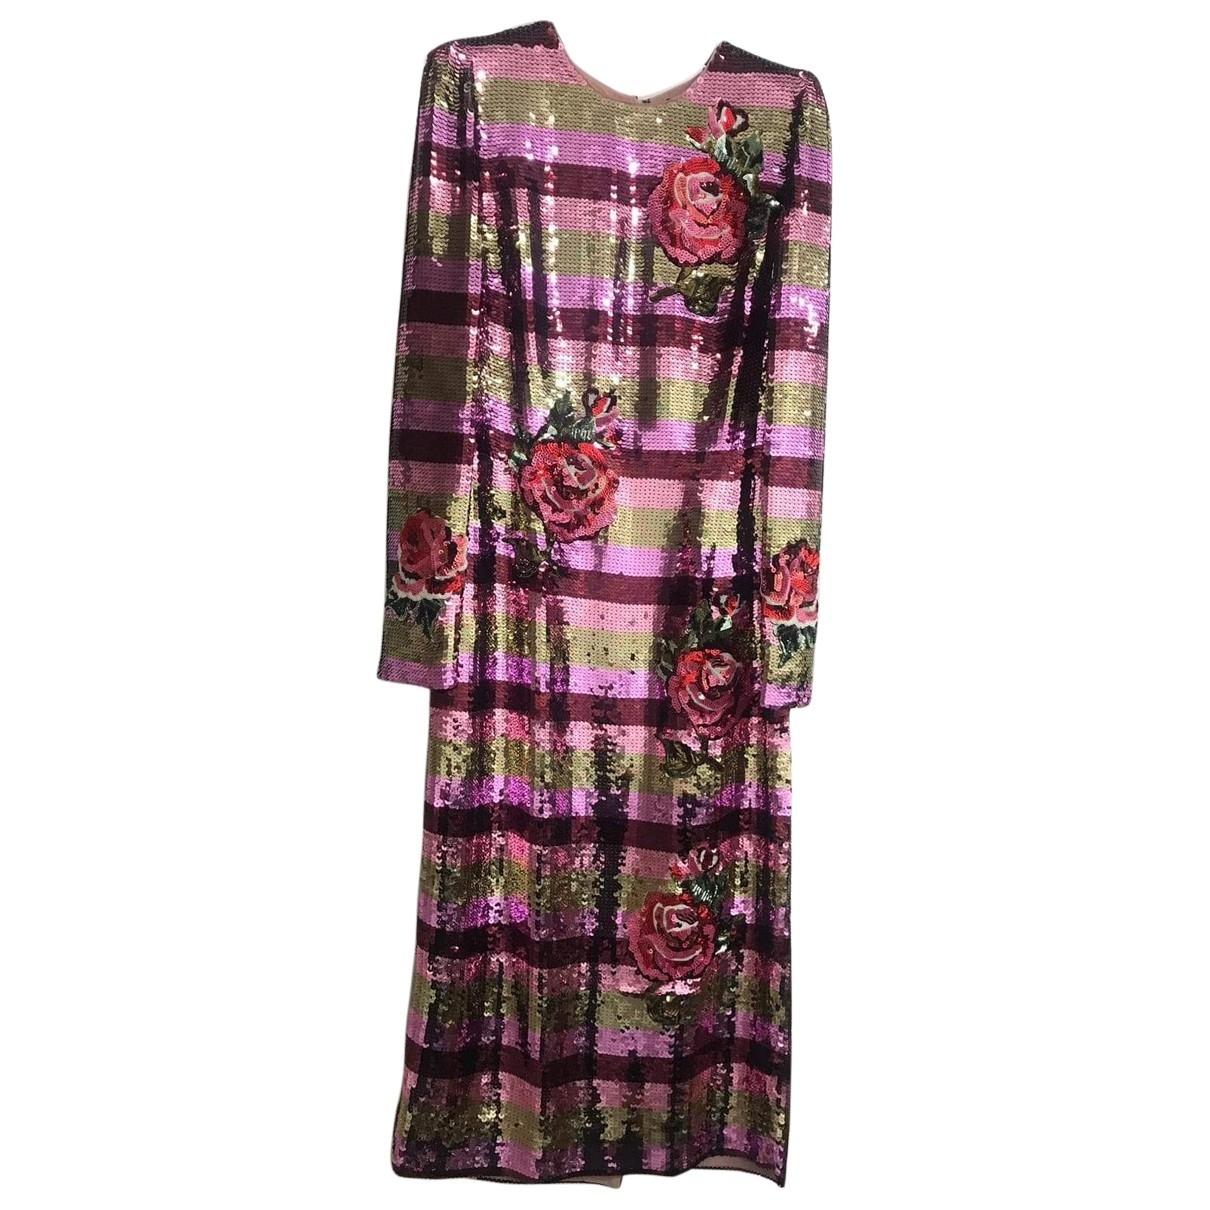 Dolce & Gabbana \N Kleid in  Bunt Mit Pailletten